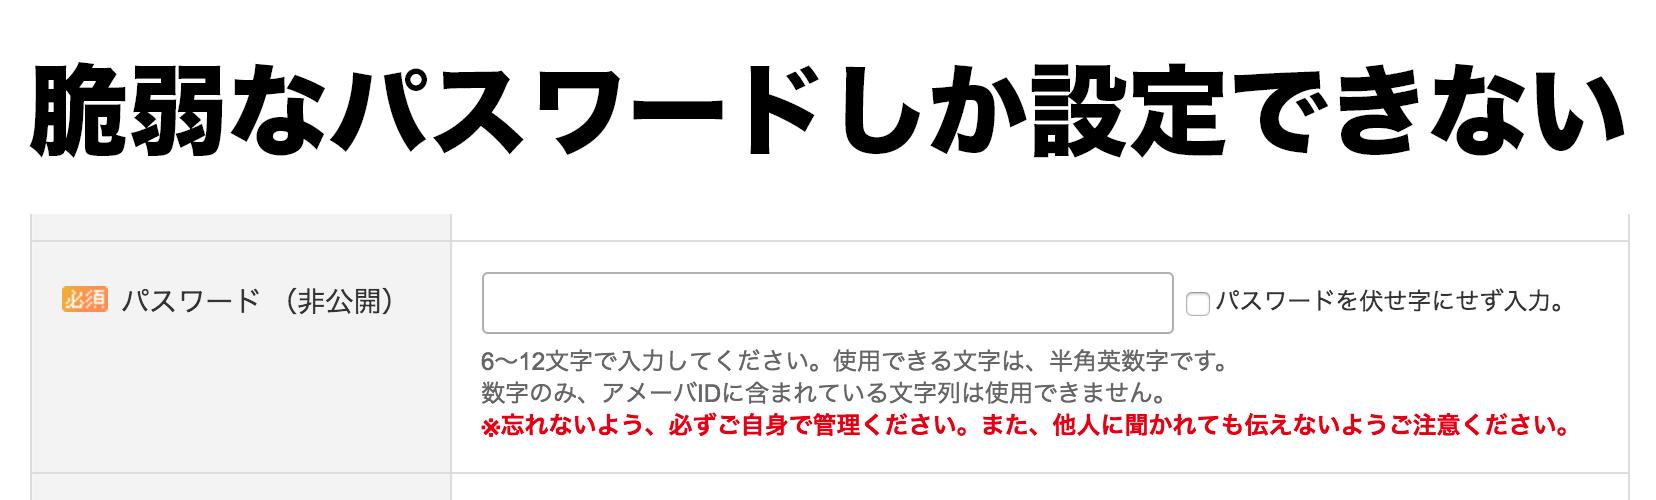 Amebaが不正ログインされやすいのは脆弱なパスワード設定が原因